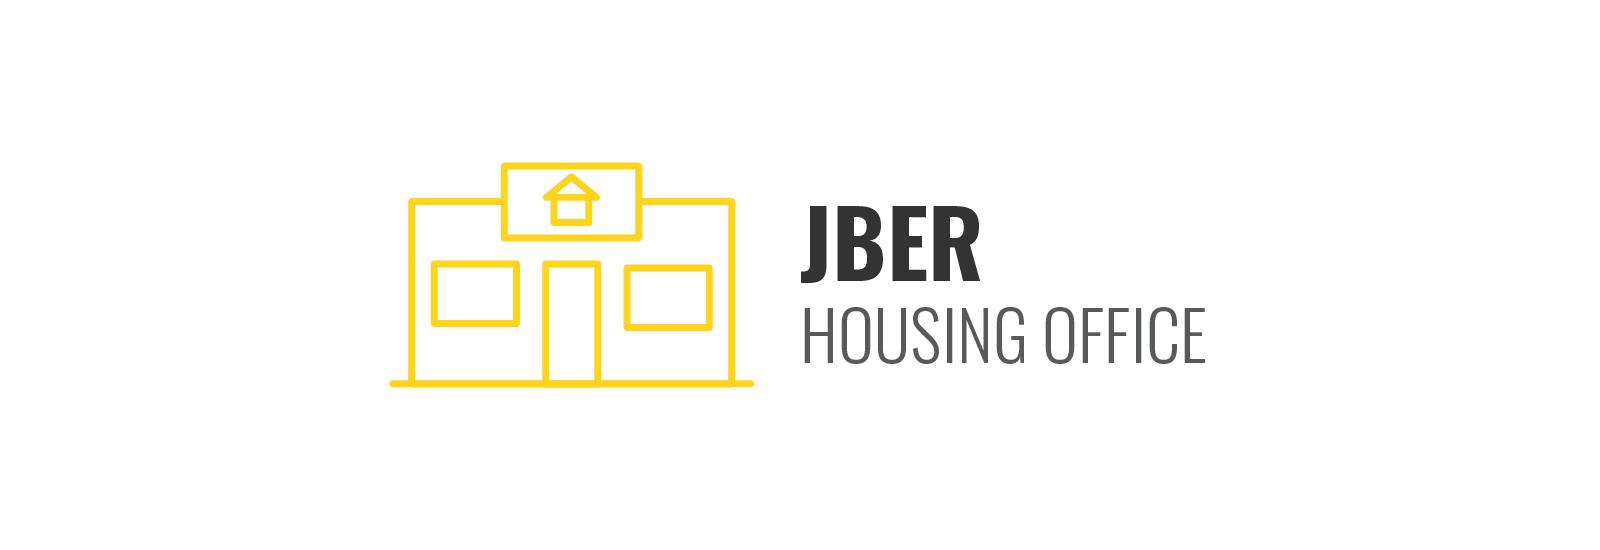 JBER Housing Office